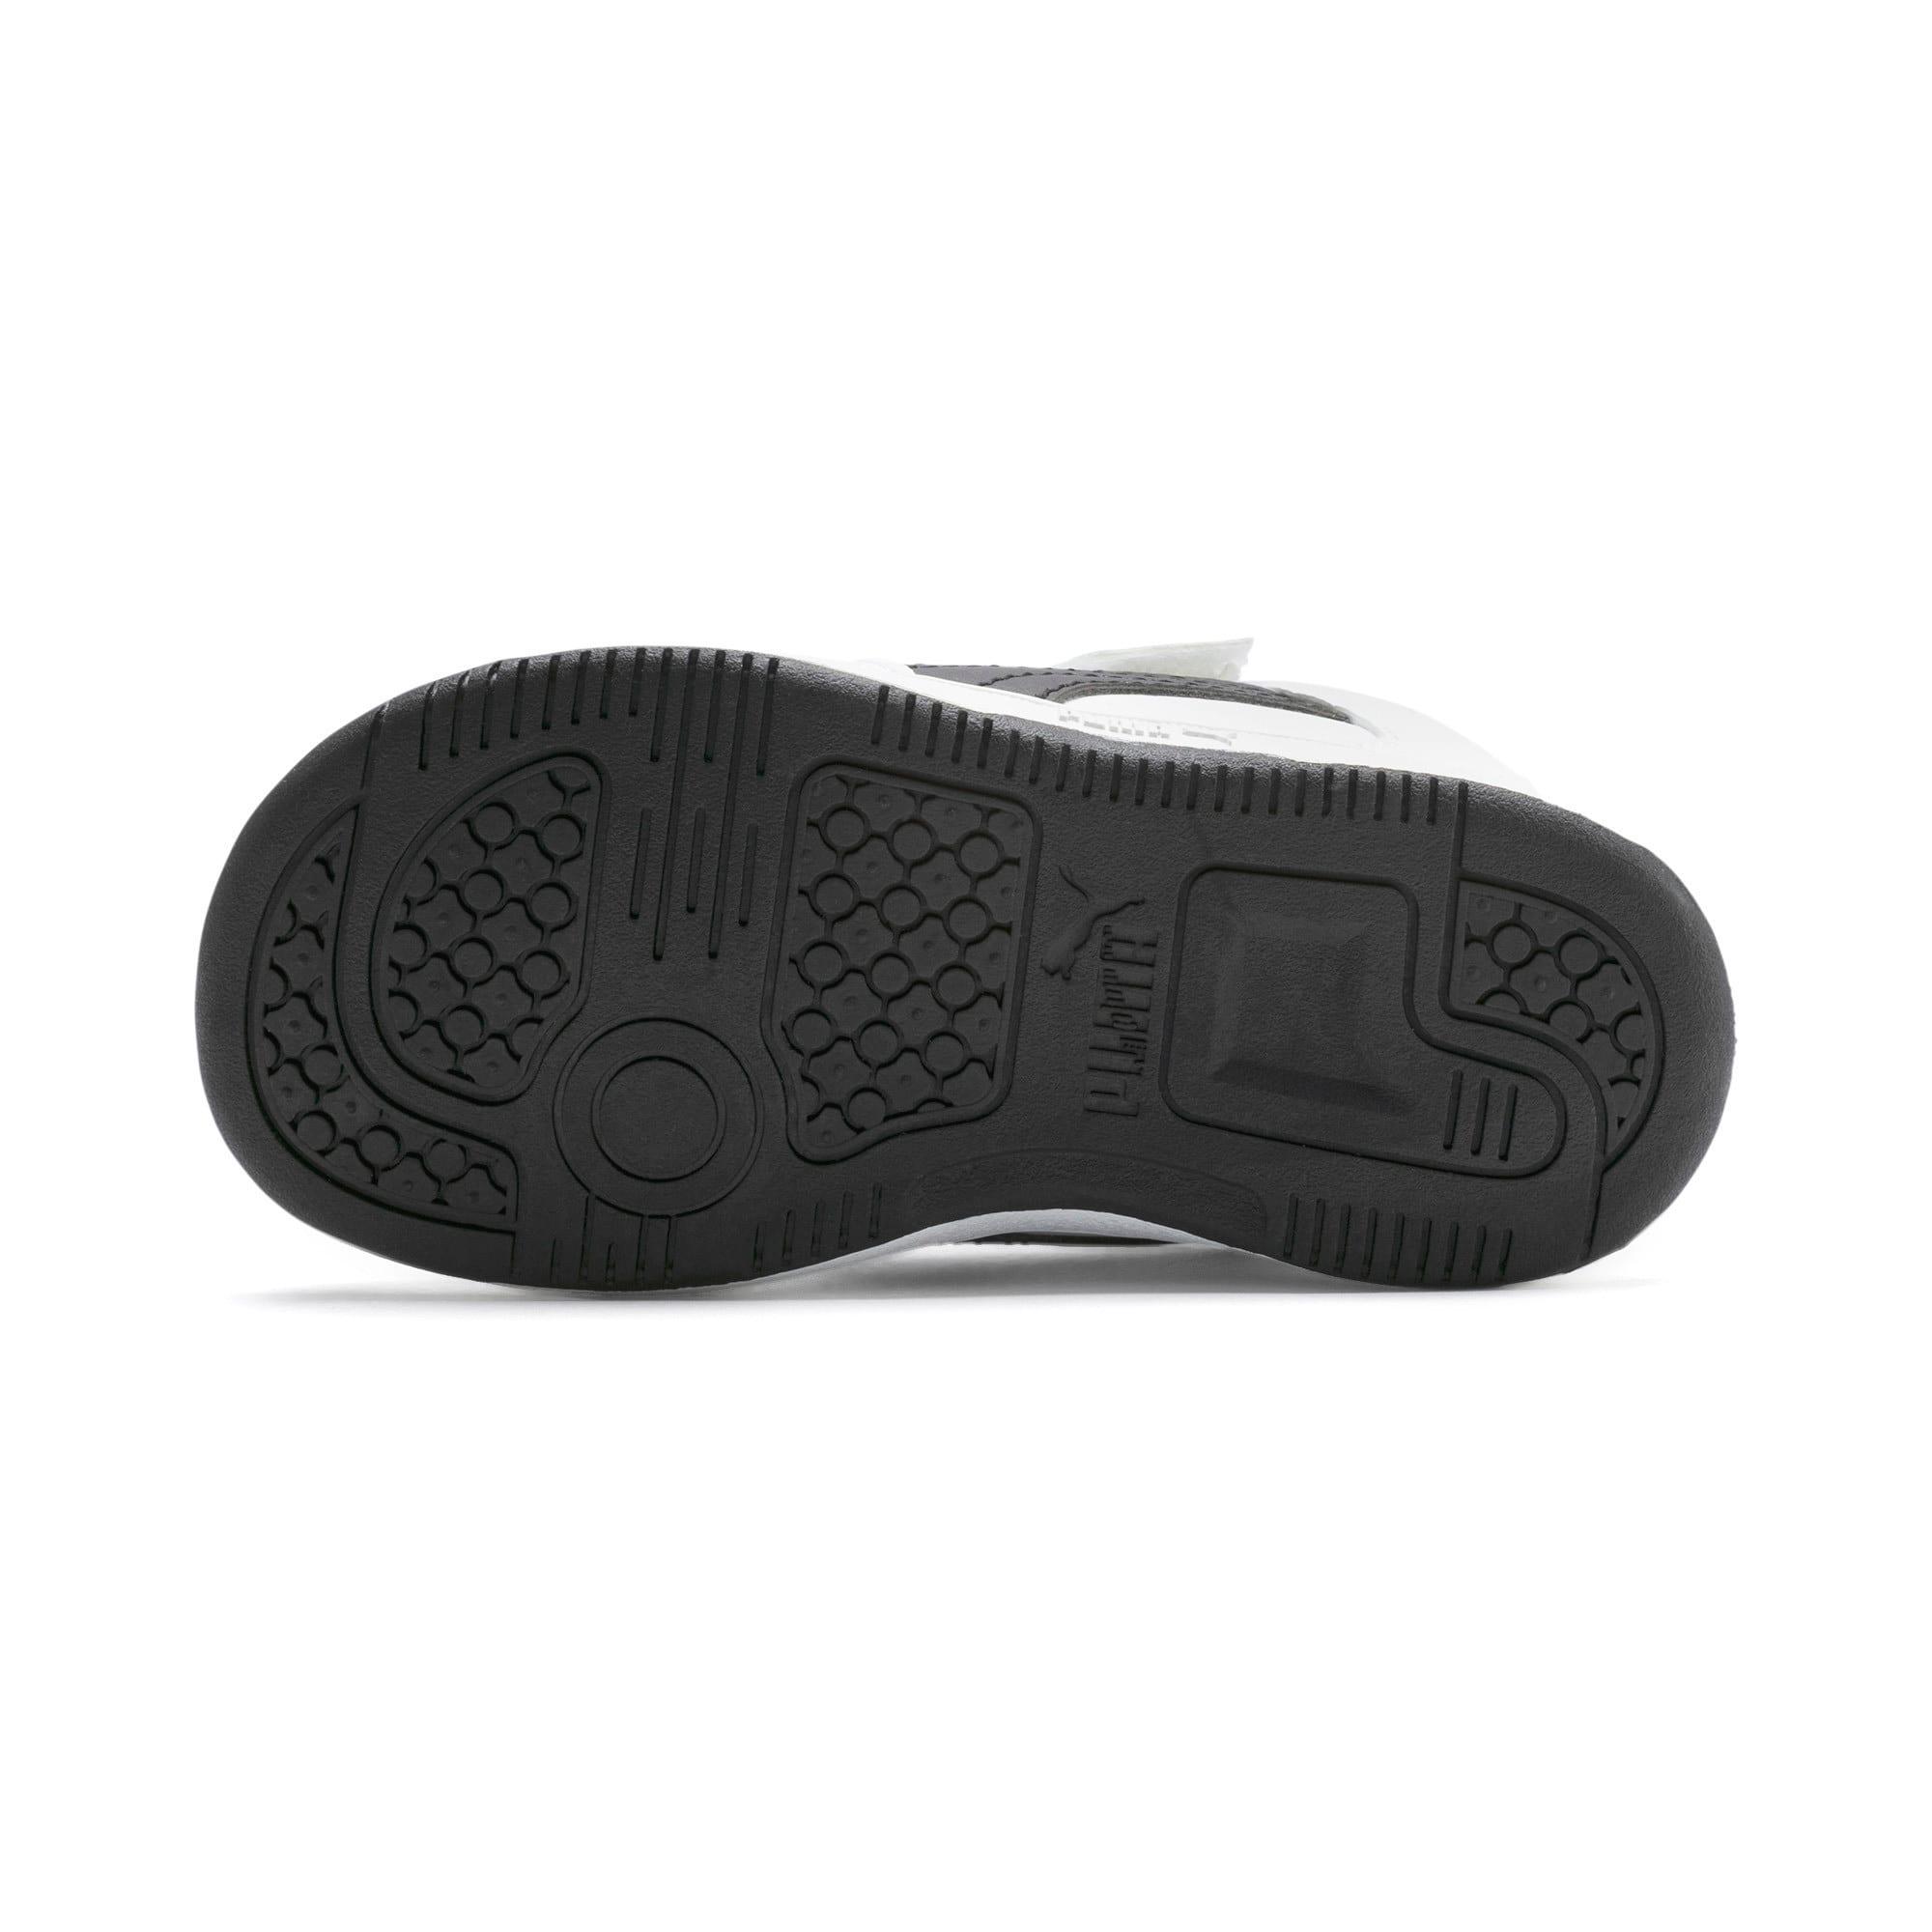 Miniatura 4 de Zapatos deportivos PUMA Rebound LayUp Lo para INF, Puma White-Puma Black-Red, mediano